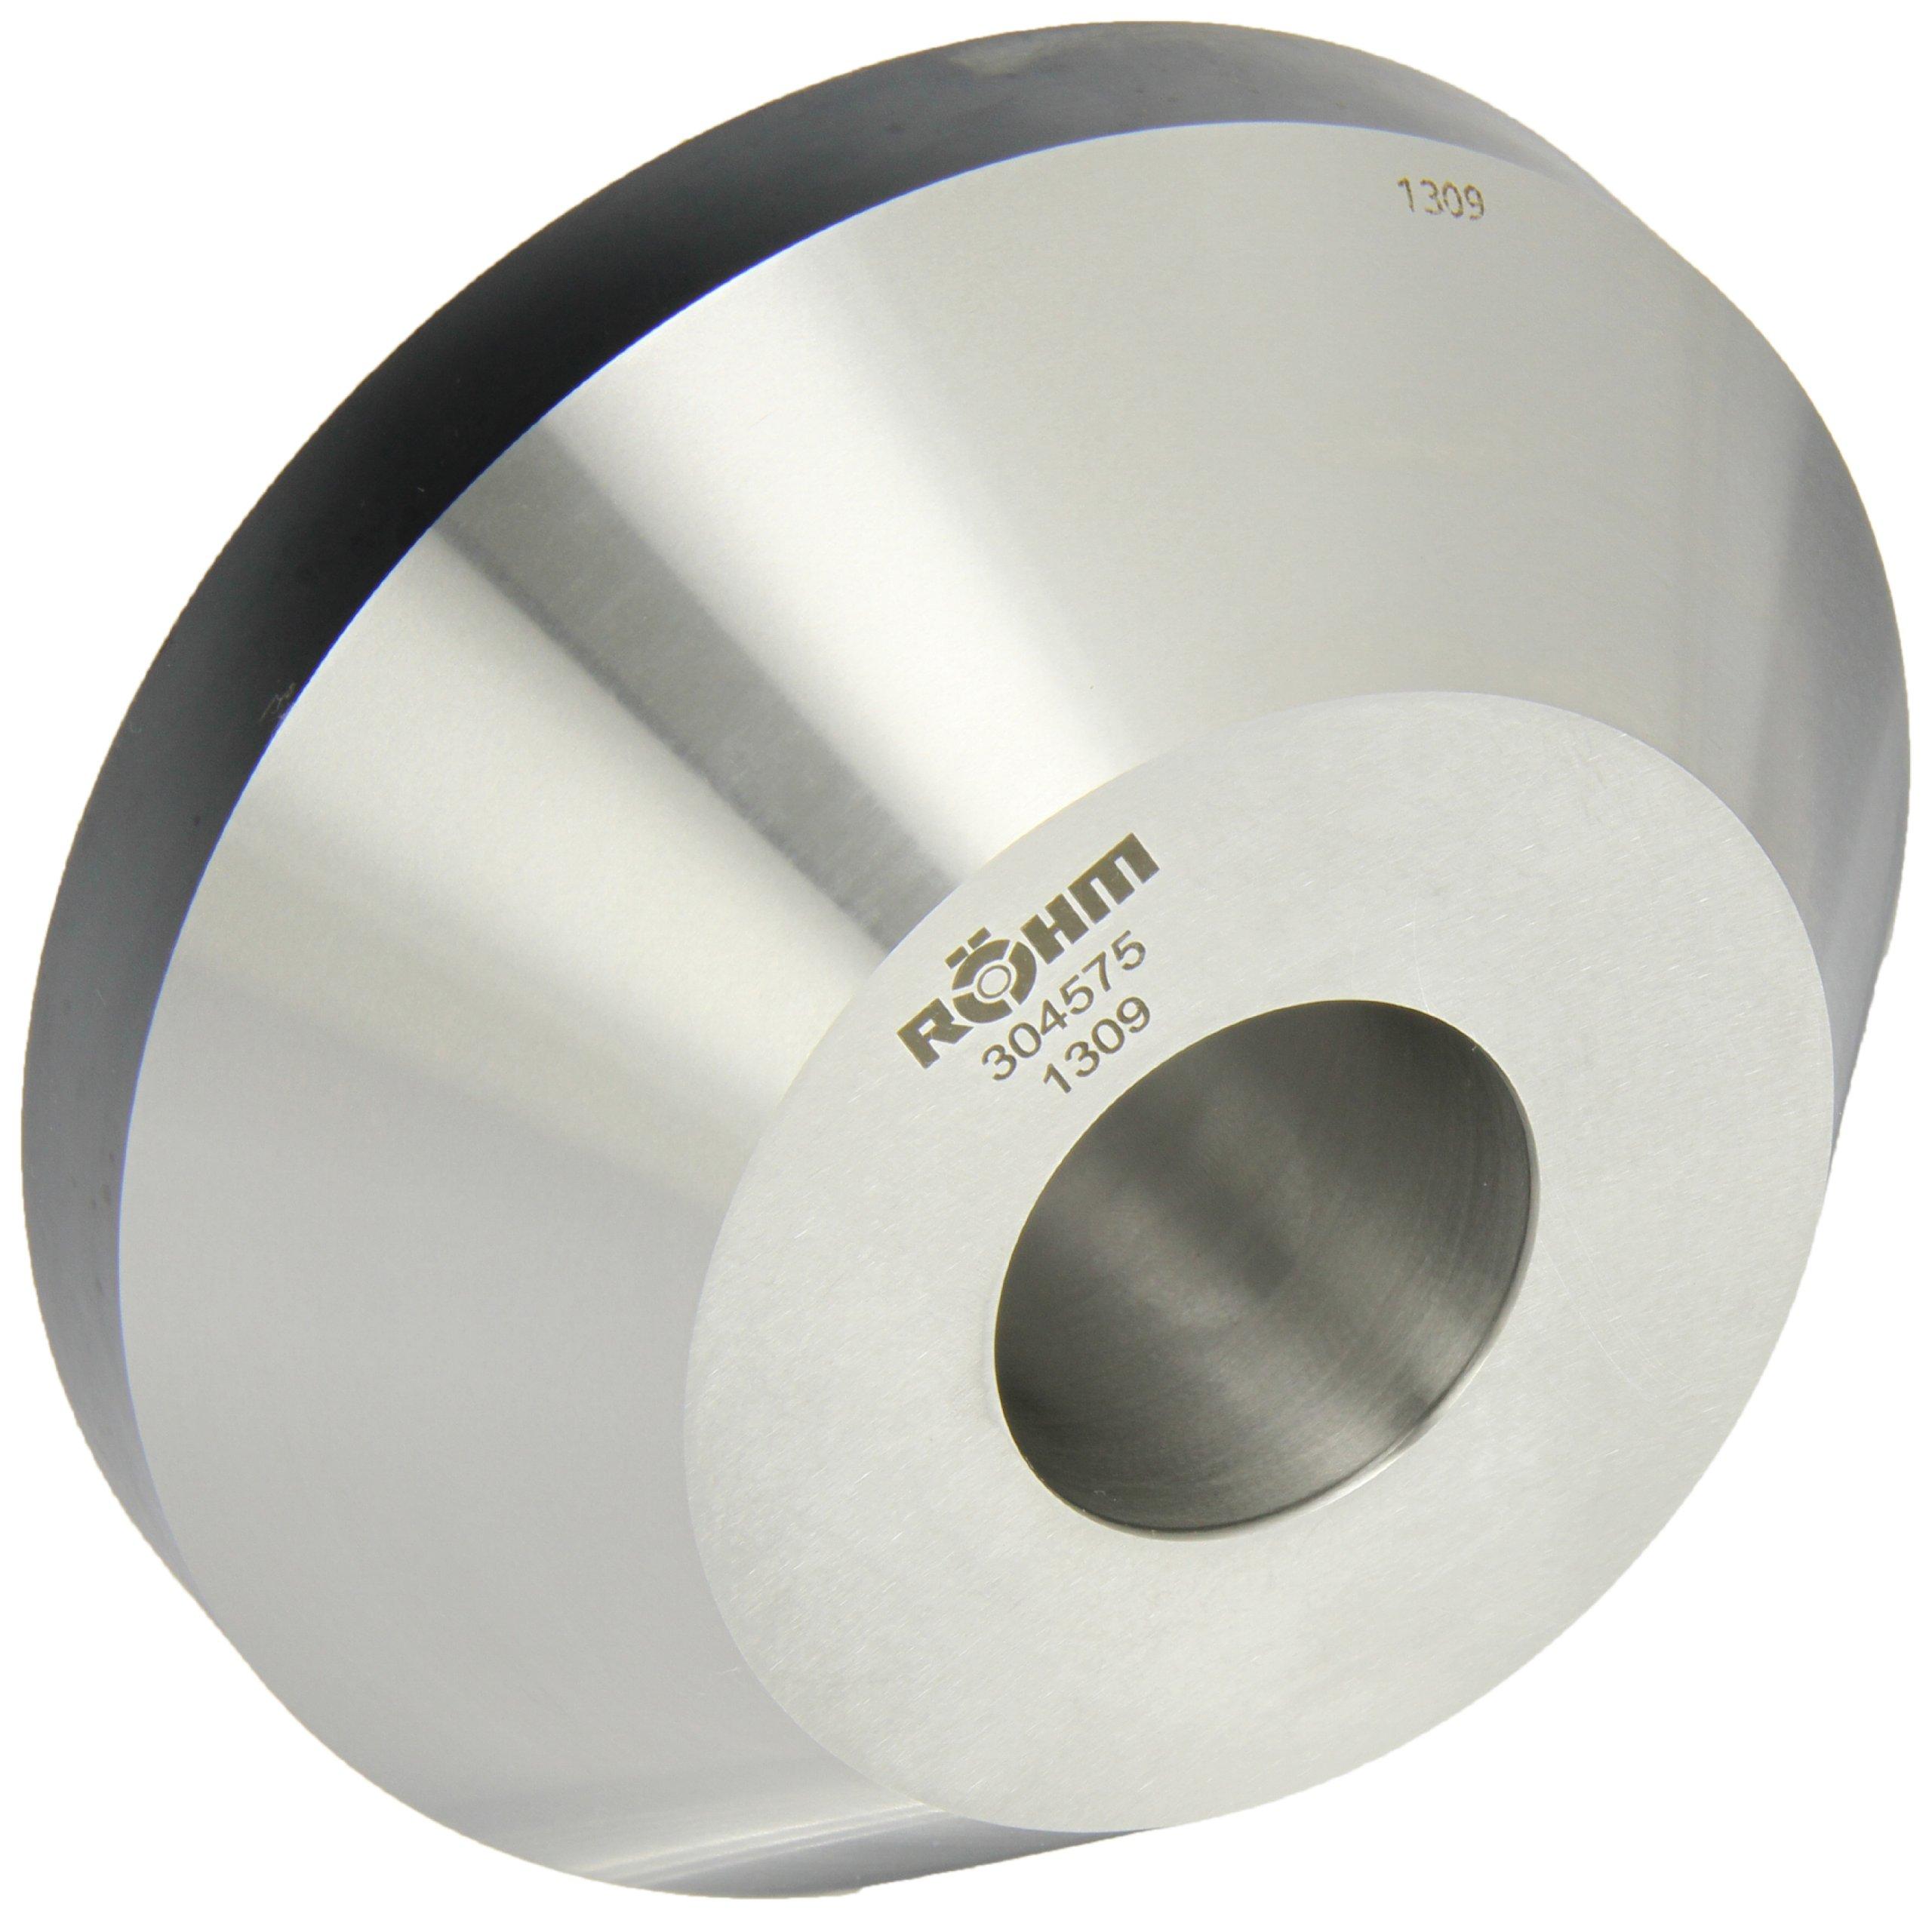 Röhm 304575 Type 608-20 Centering Insert AZ with 75 Degree Taper for Morse Taper 6, Standard Version, Size 1, 150mm Body Diameter, 54mm Length